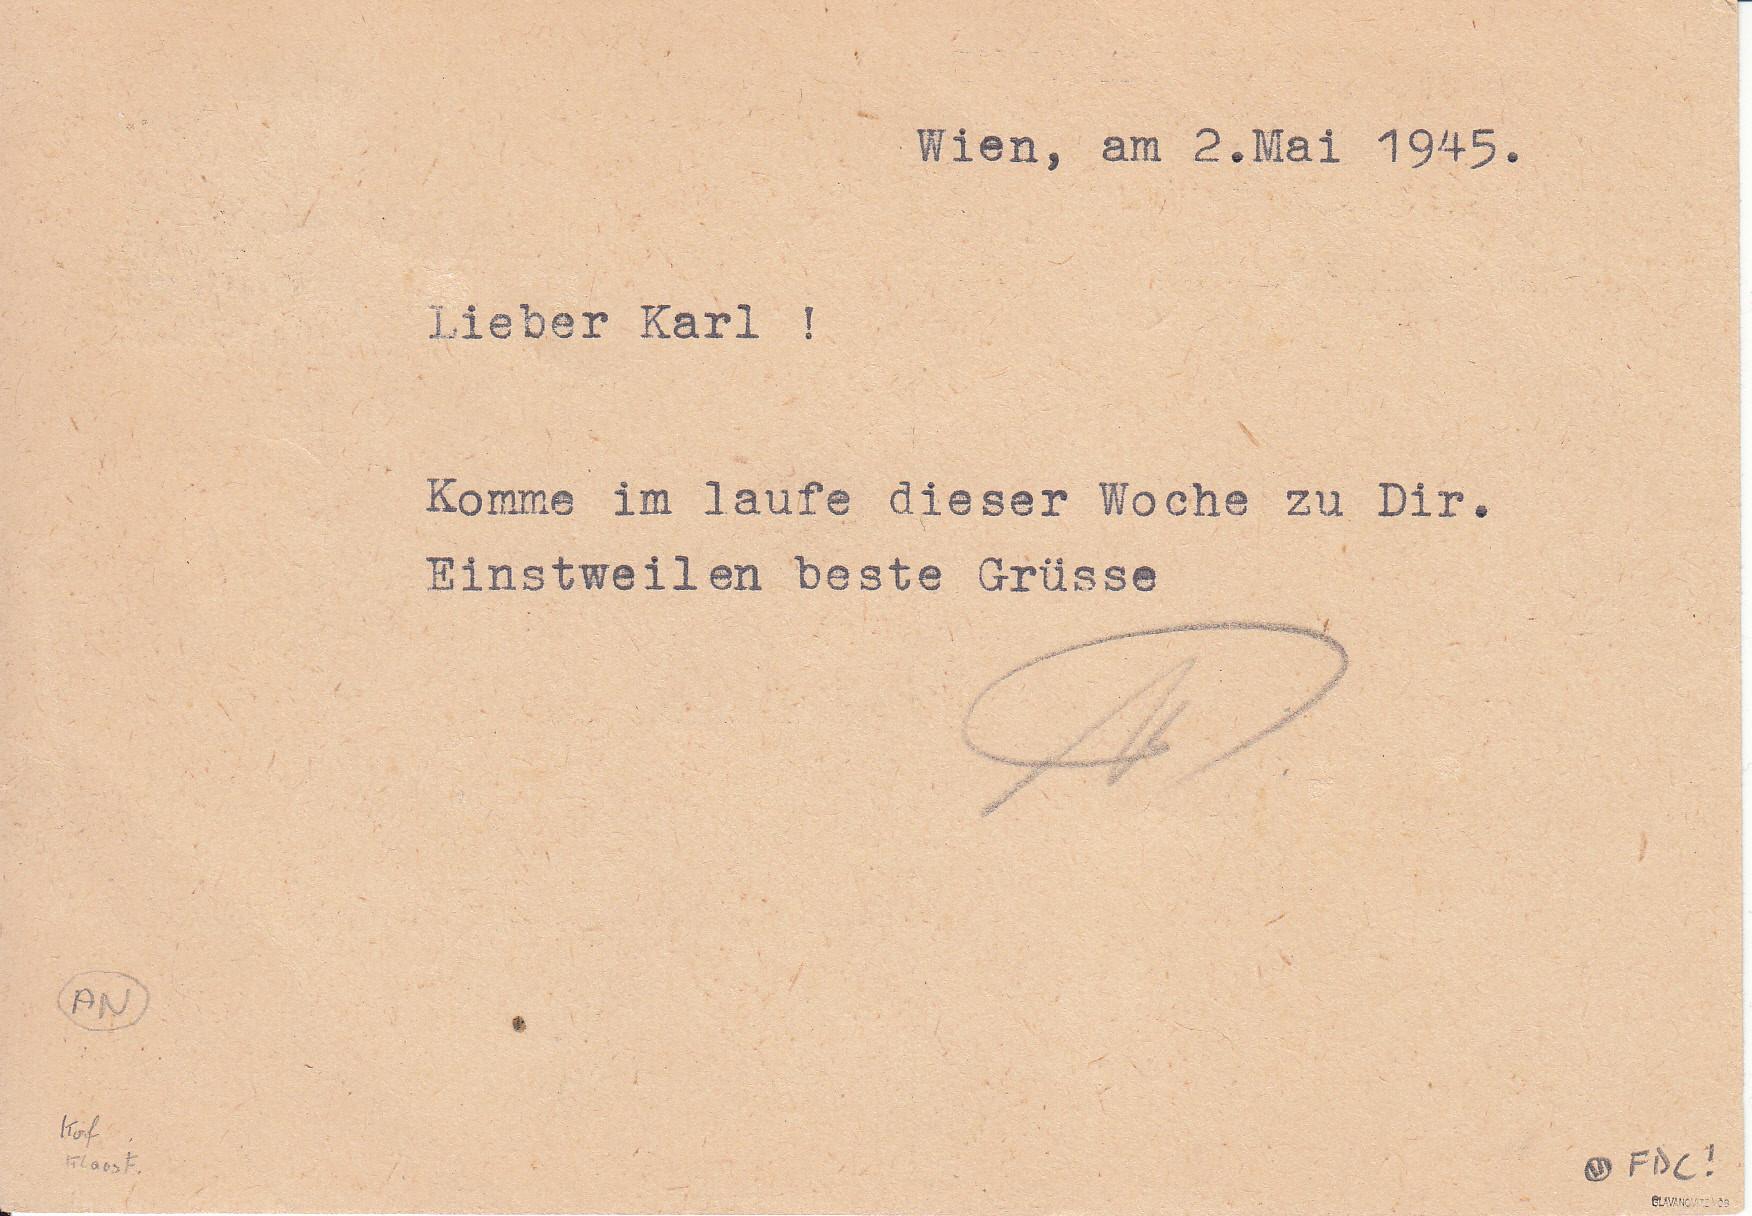 1945 - Notmaßnahmen und Provisorien bei Postkarten 1945-1948 - Seite 2 Img_0201